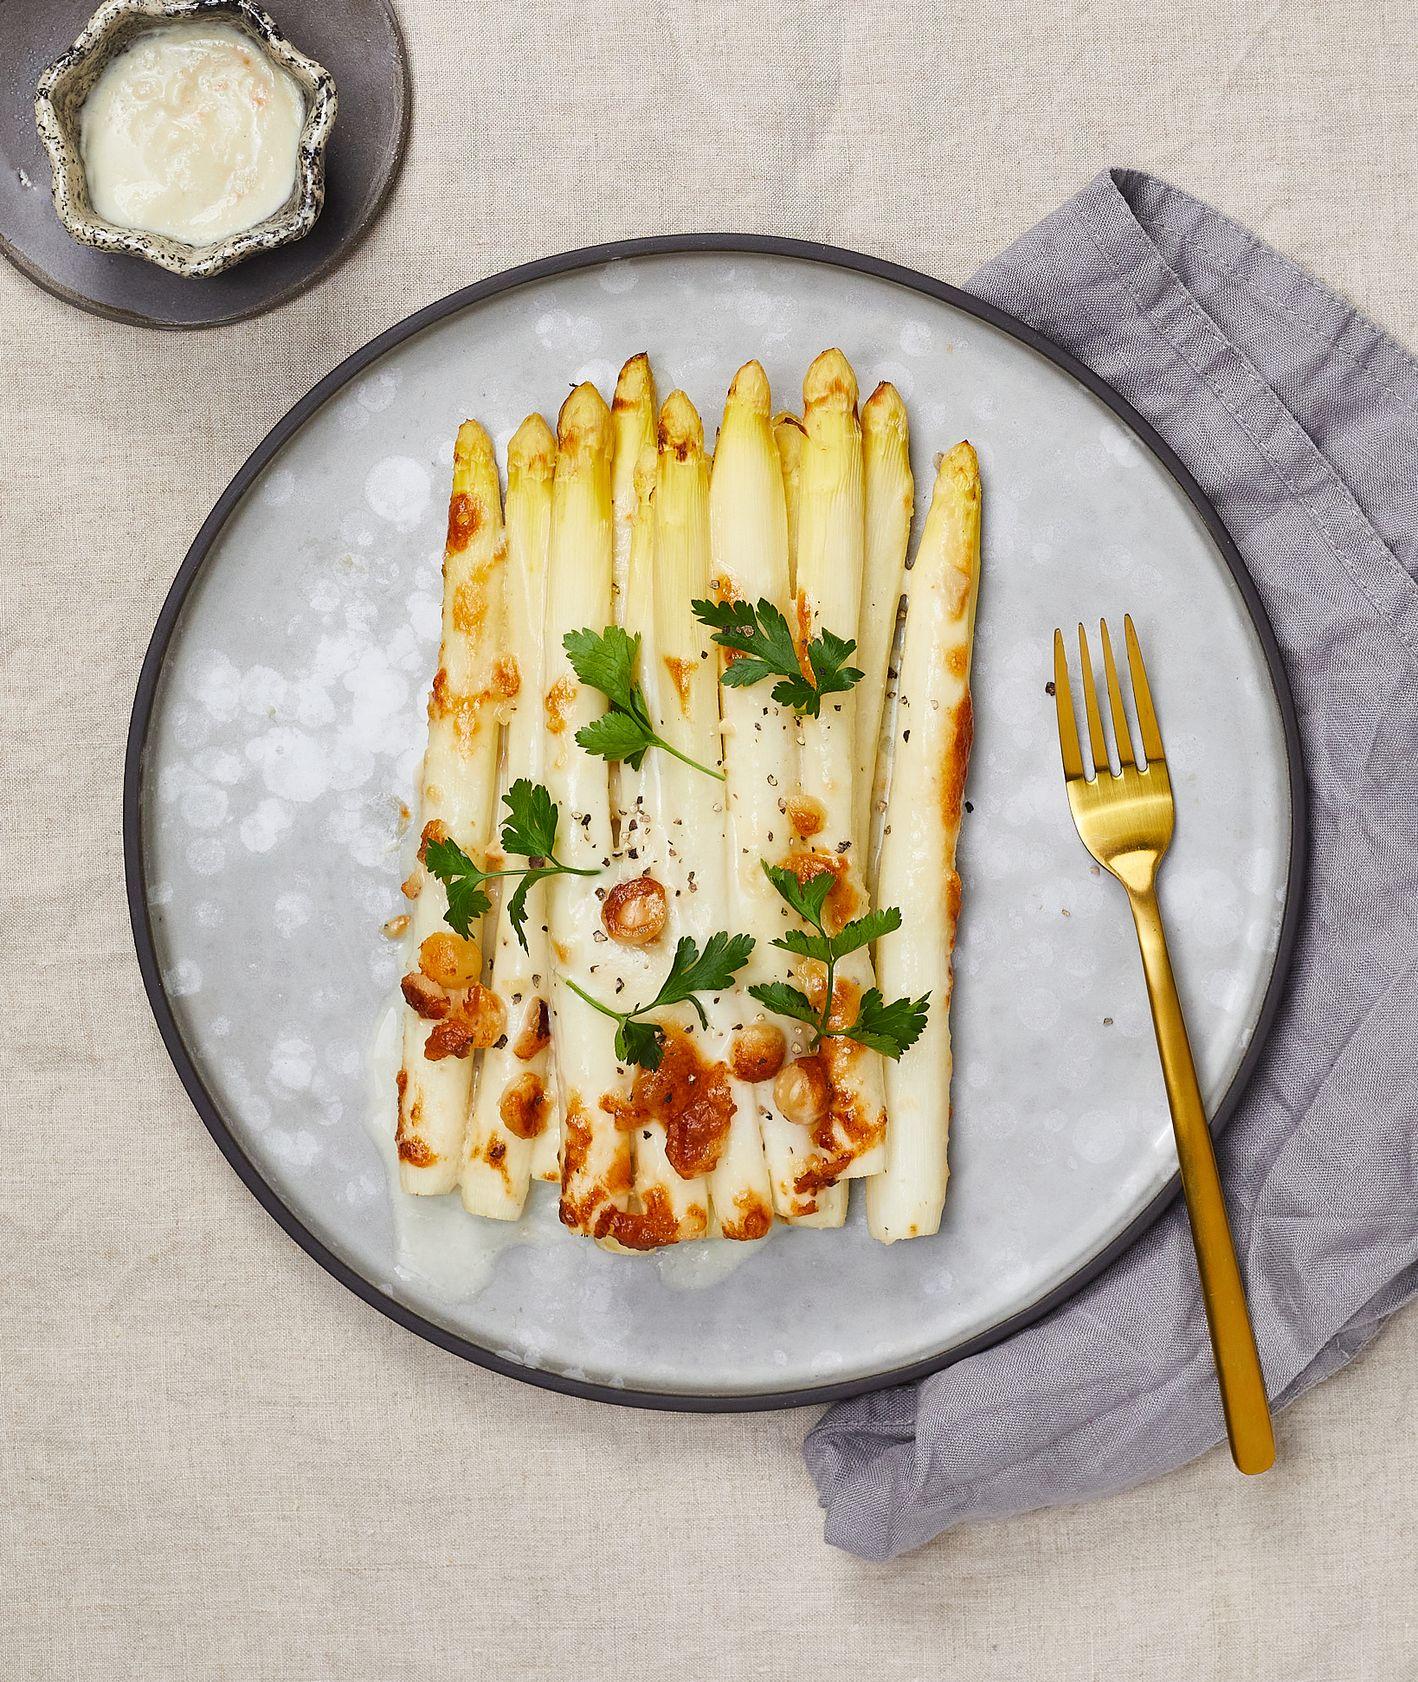 Białe szparagi z gorgonzolą. Przepis na zapiekane szparagi (fot. Maciek Niemojewski)